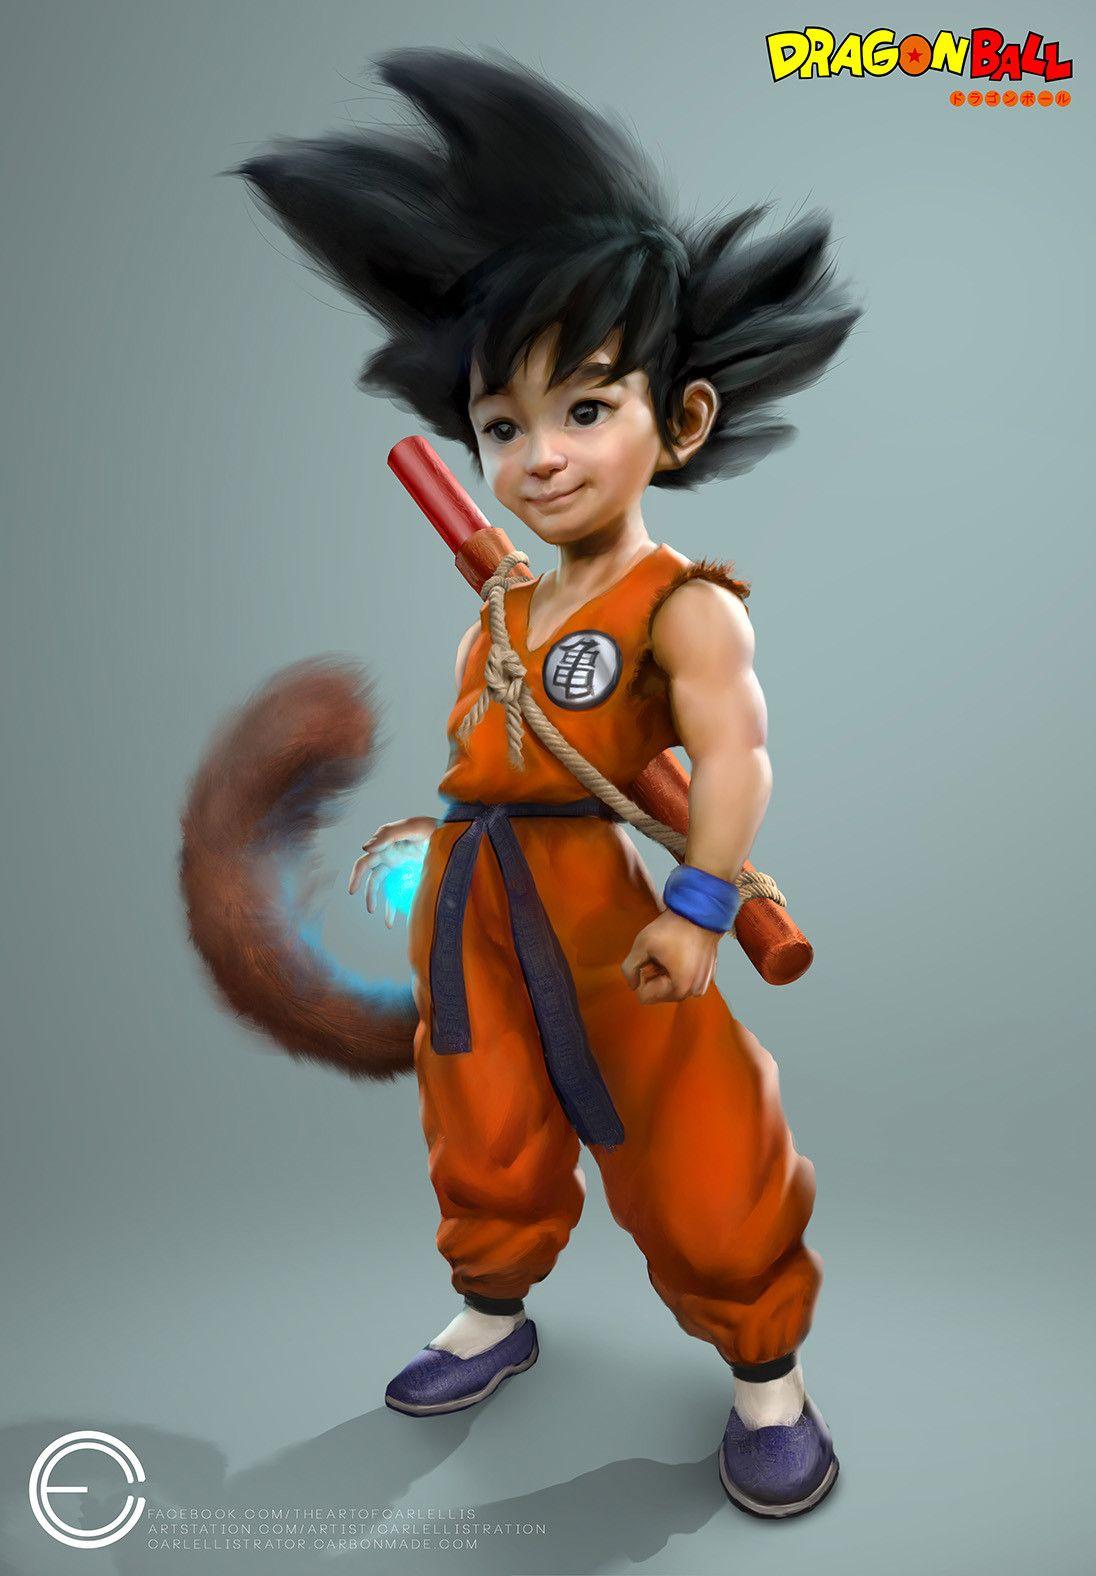 Pin By Jestradab On Goku Bambino Dragon Ball Super Goku Kid Goku Dragon Ball